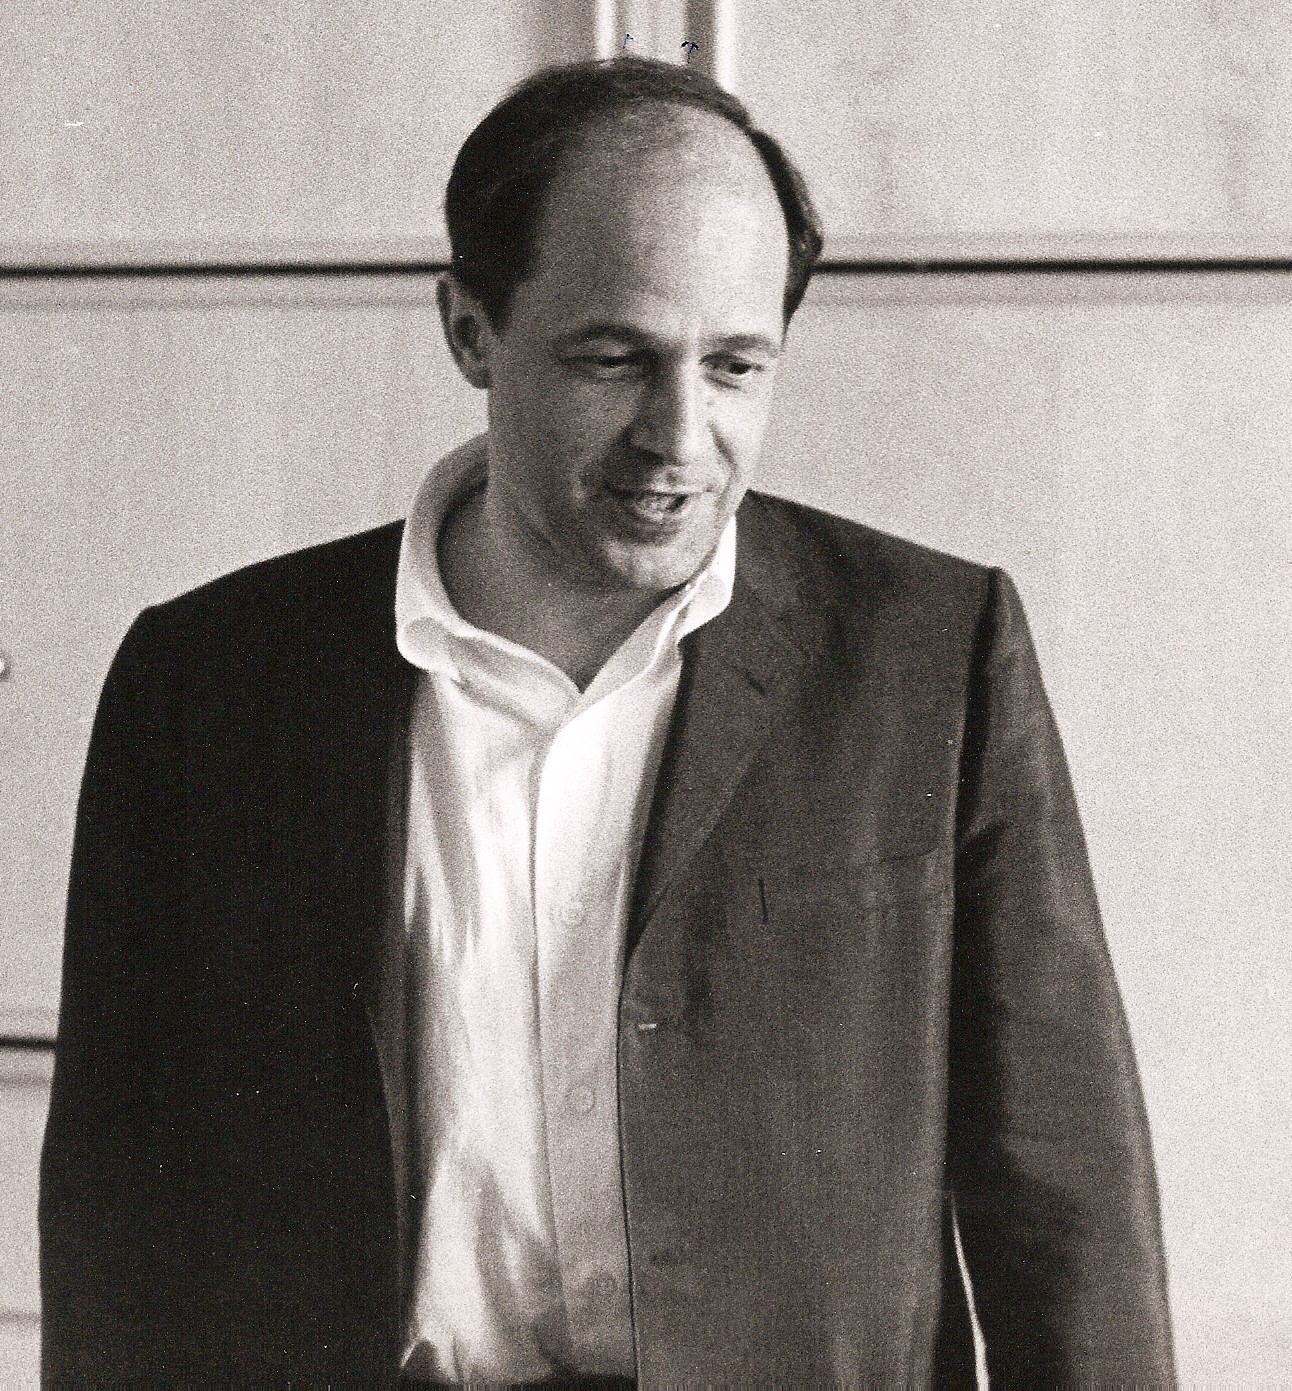 Pierre Boulez, la première fois que je l'ai photographié – en 1967, dans sa maison de Baden-Baden